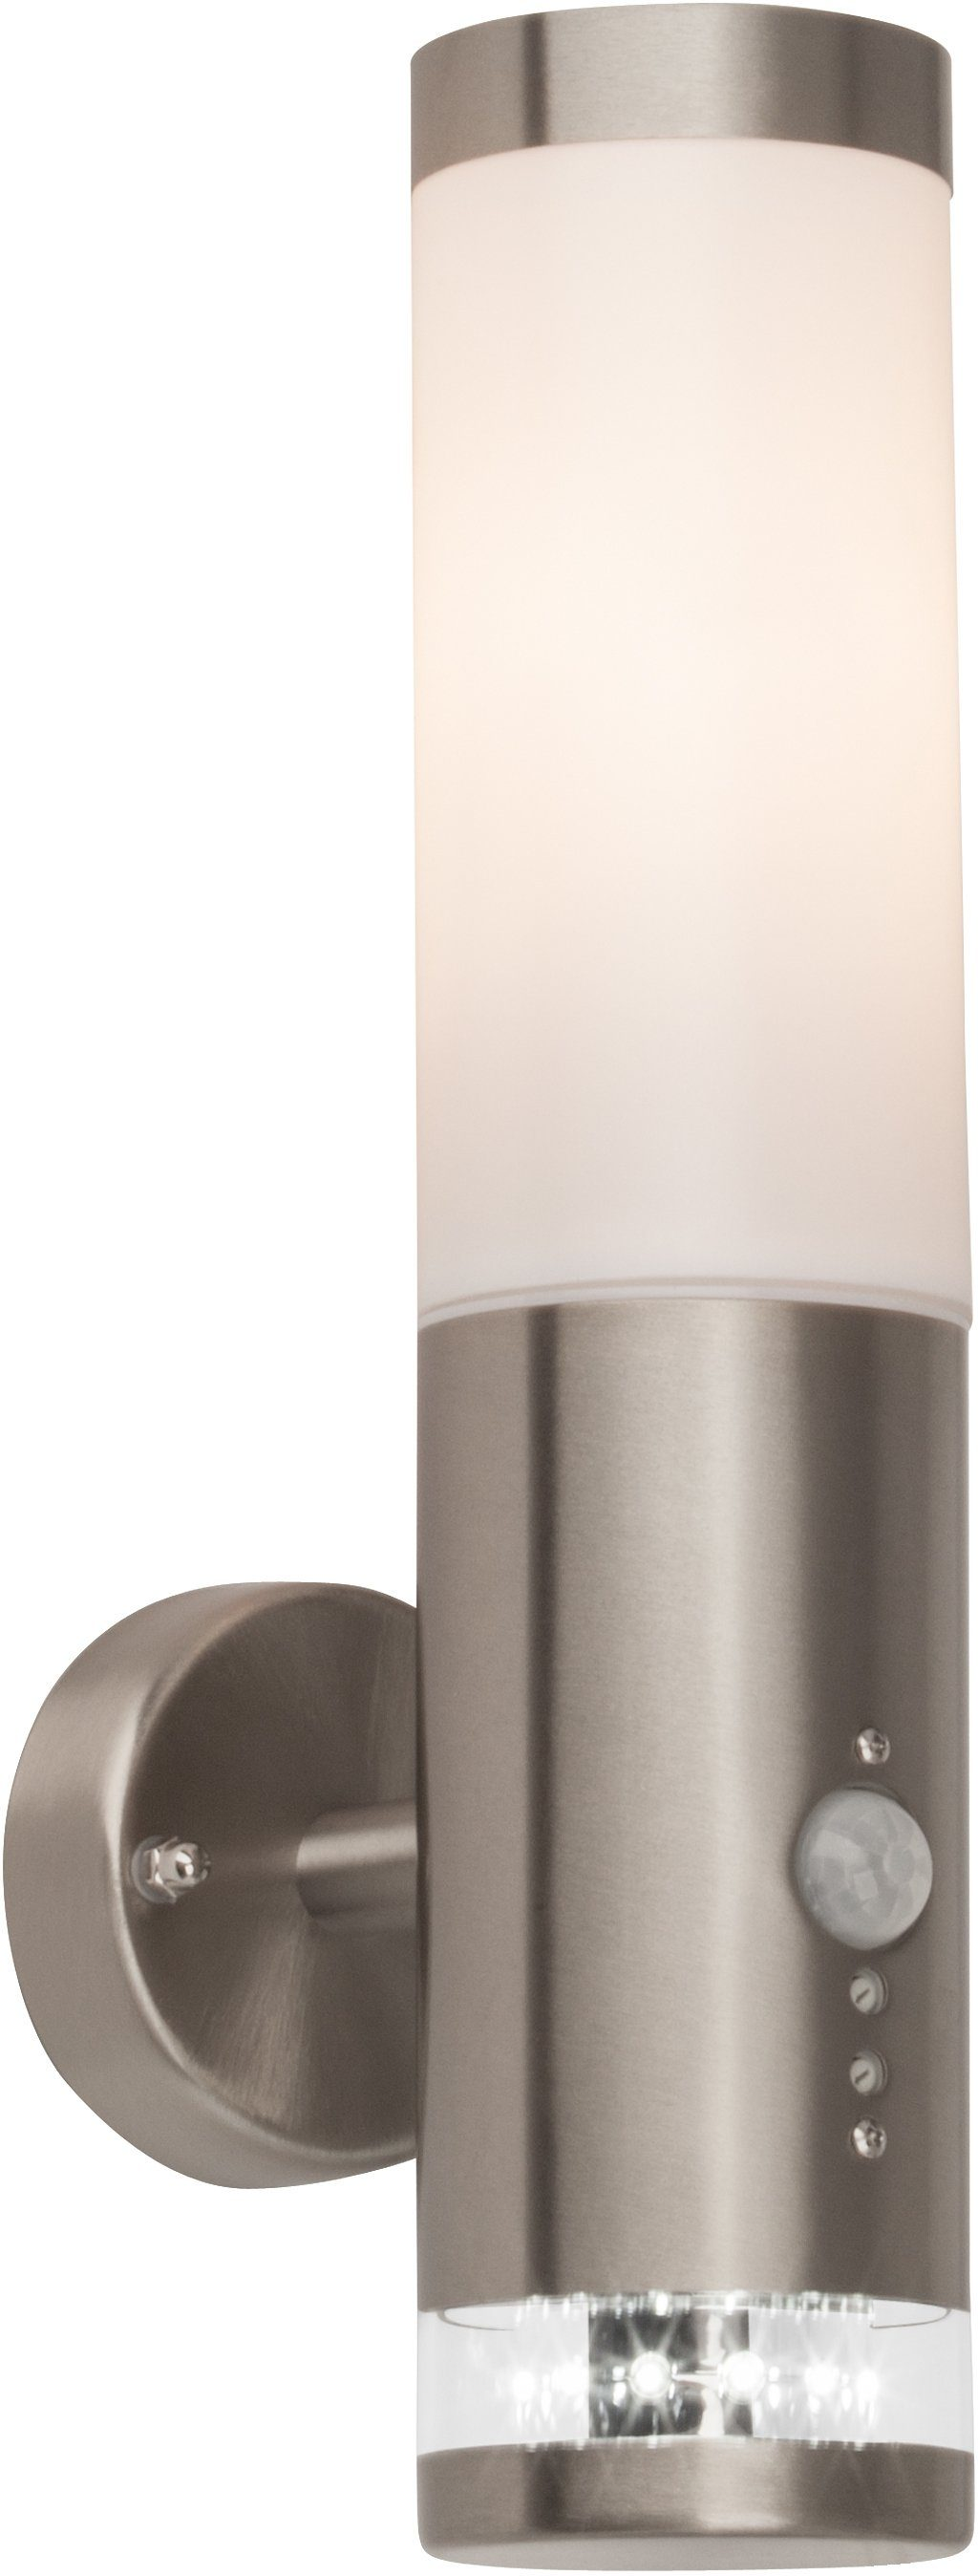 Großartig LED Außenleuchten & LED Außenlampen kaufen | OTTO ZT76